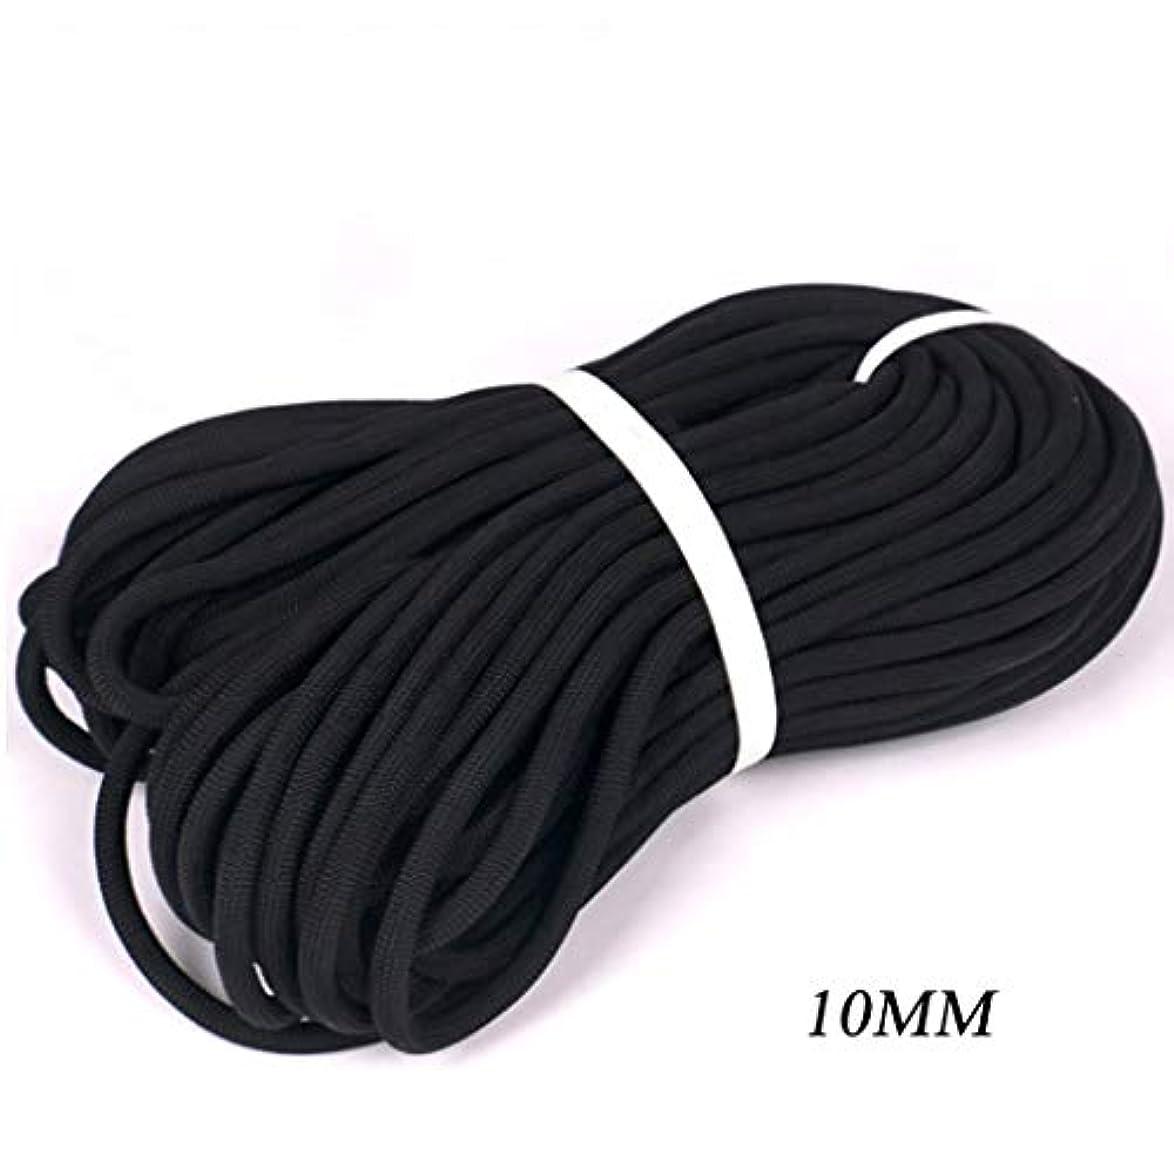 モデレータ比喩行政ロープ(張り綱) 安全ロープ屋外用固定ロープ下り坂/野外開発/空中作業用Φ10mm(0.39in)黒 (Size : 100m(328ft))